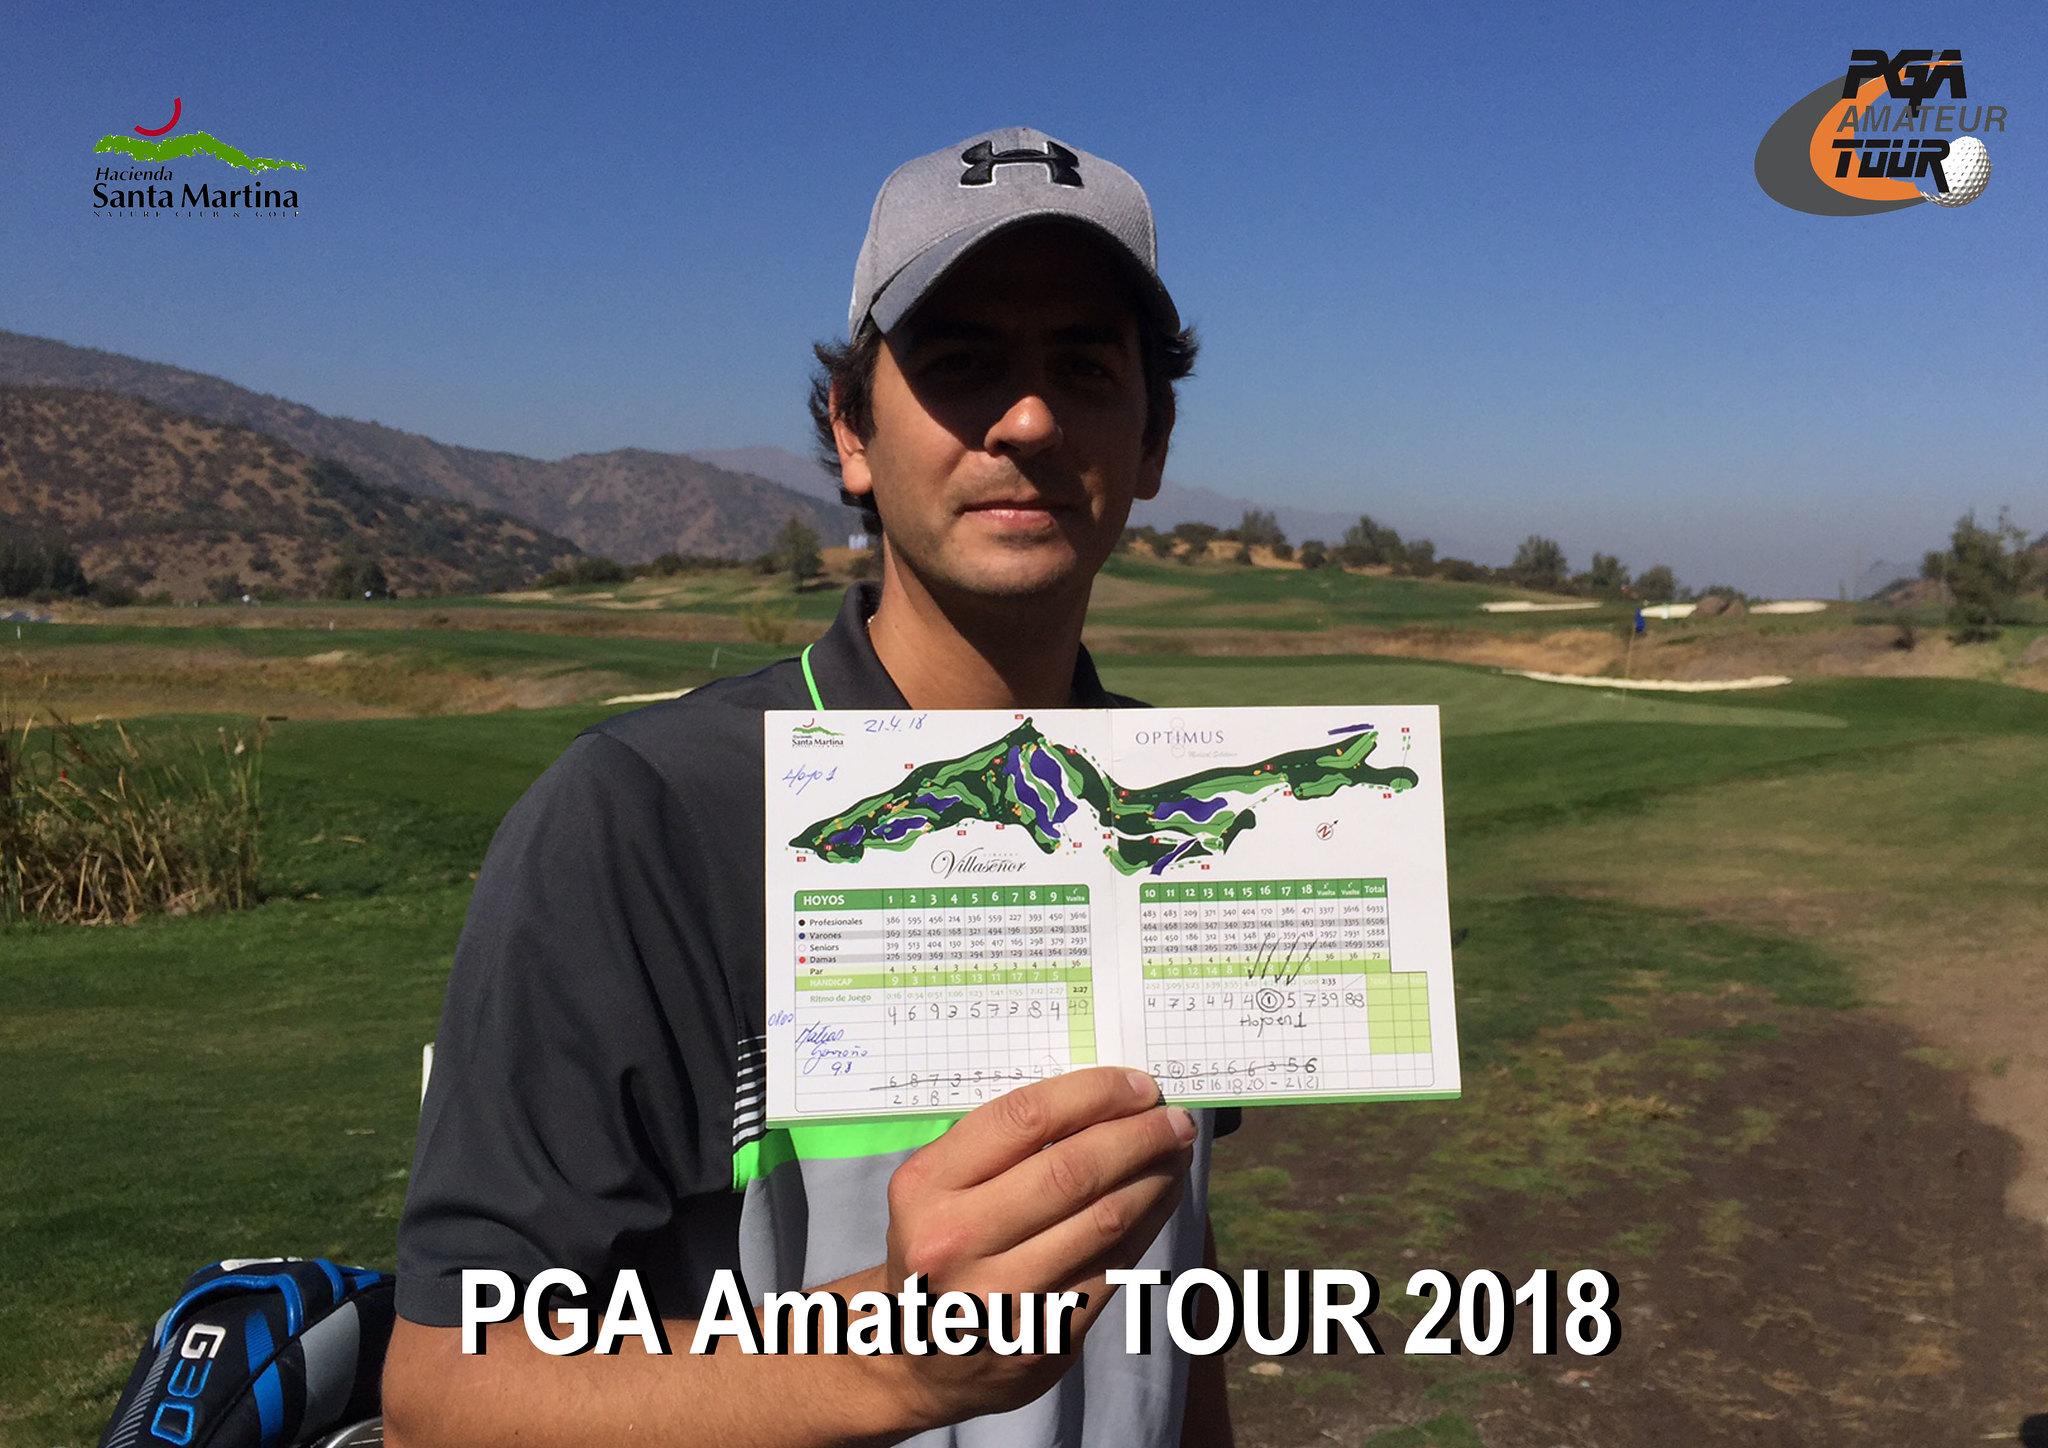 PGA Amateur Tour